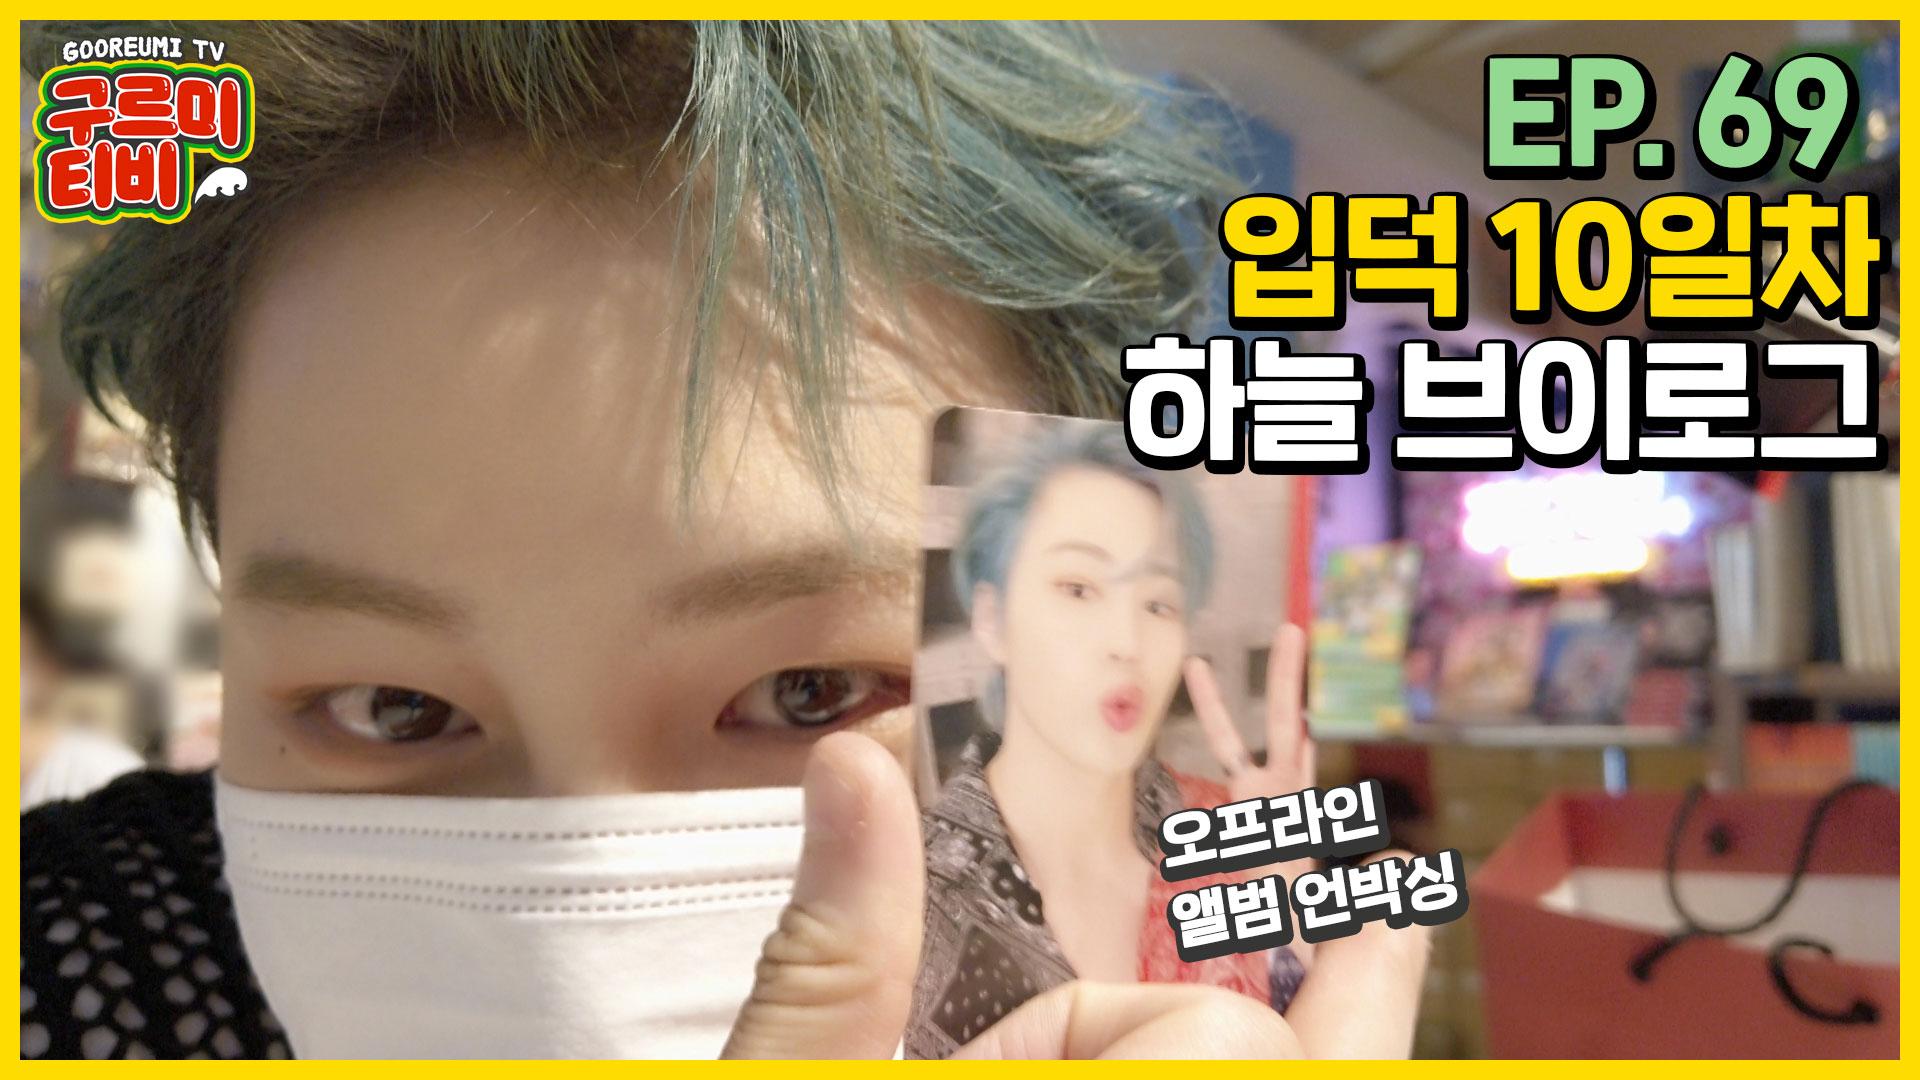 입덕 10일차 초보 하늘 브이로그☁ | 오프라인 앨범 언박싱 | 구르미TV EP.69 | 하성운